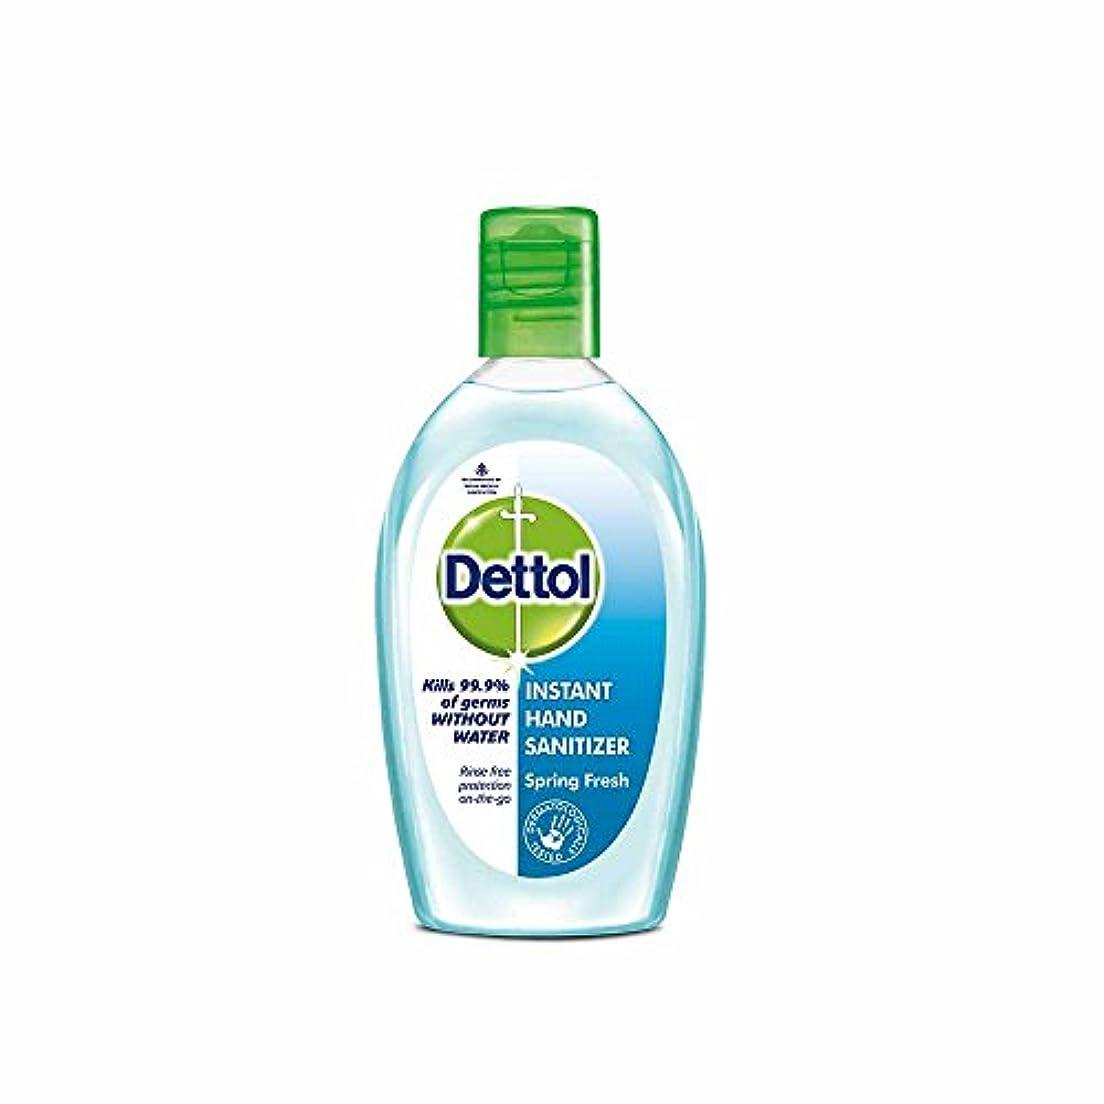 ナイトスポットレキシコン信頼性のあるDettol Instant Hand Sanitizer Spring Fresh - 50 ml